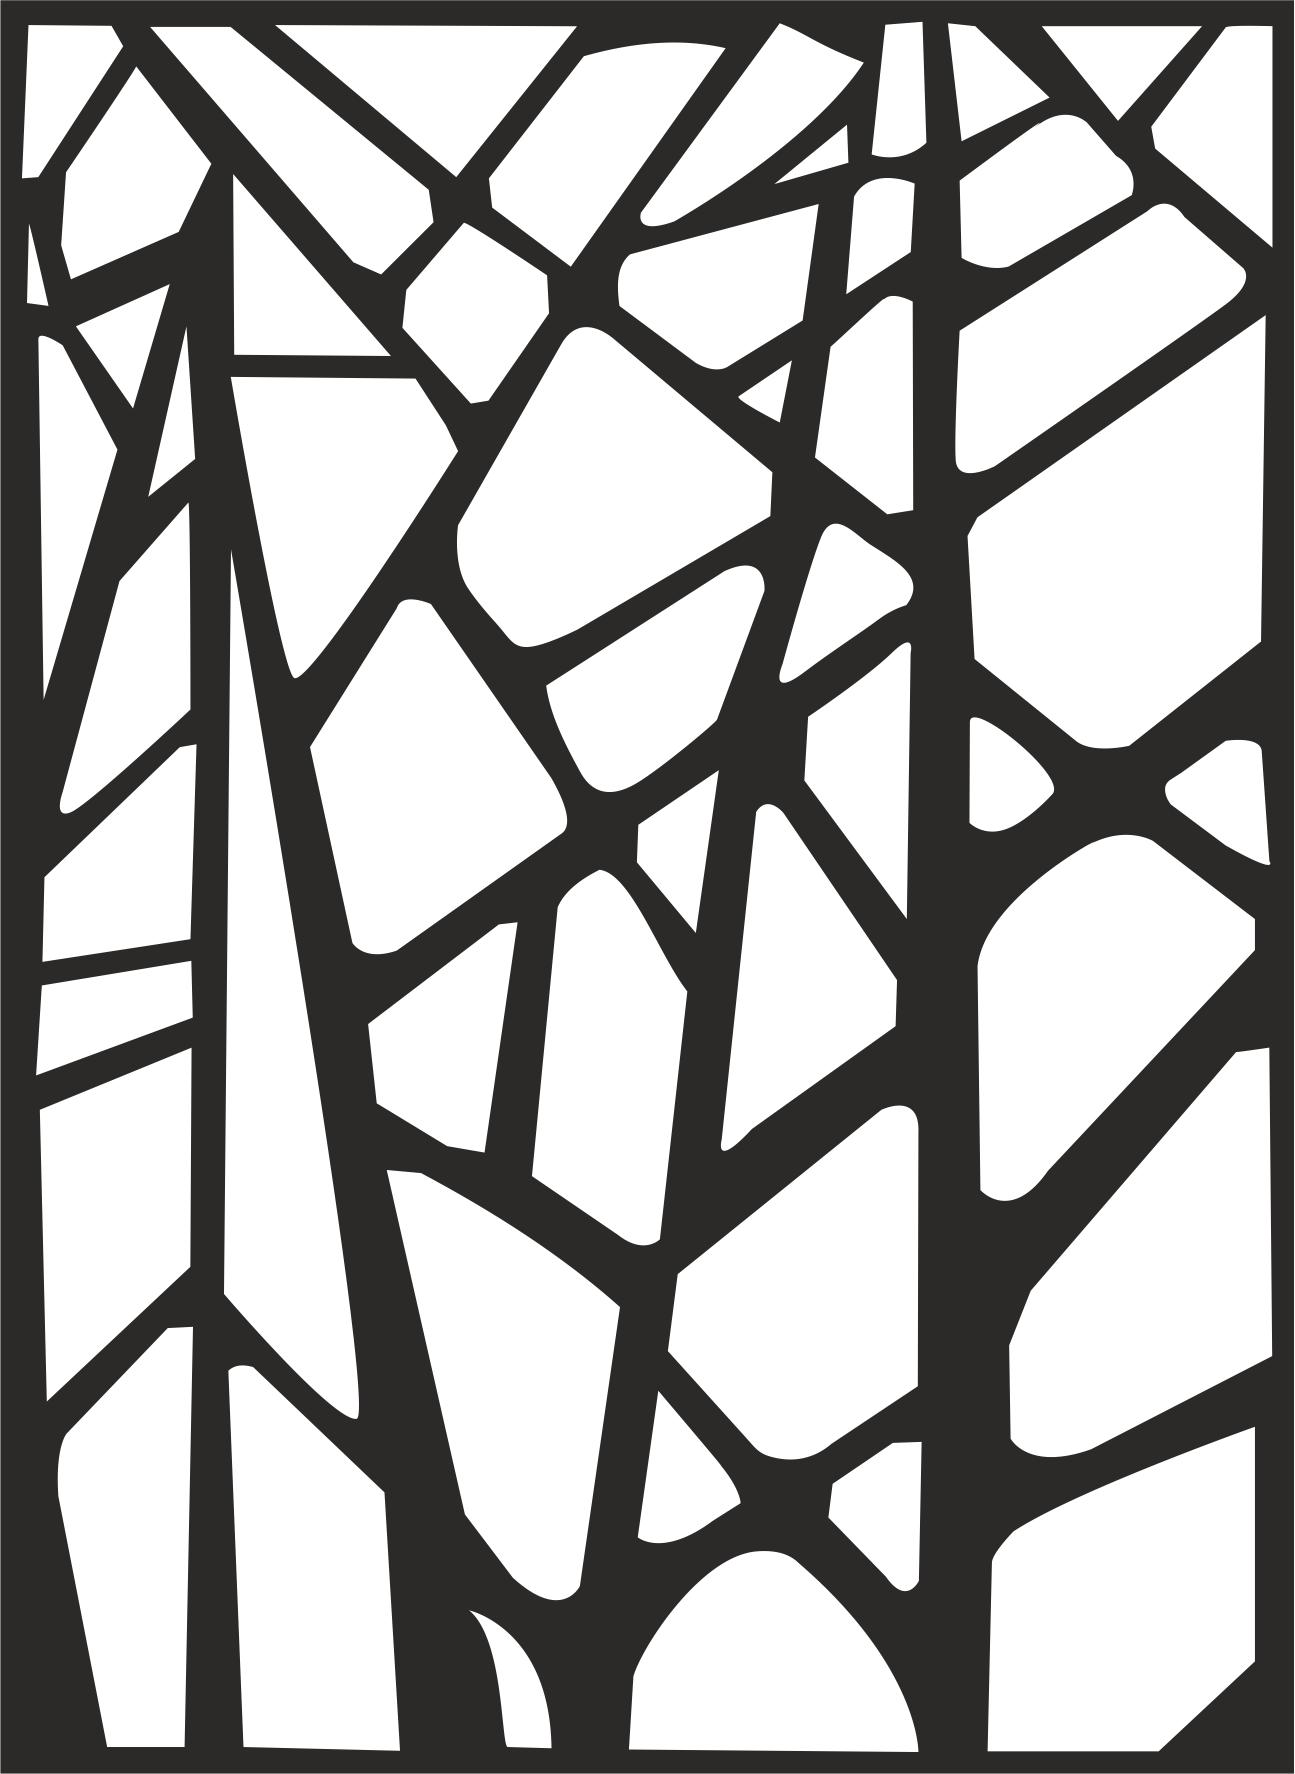 Decorative Screen Design File Free CDR Vectors Art